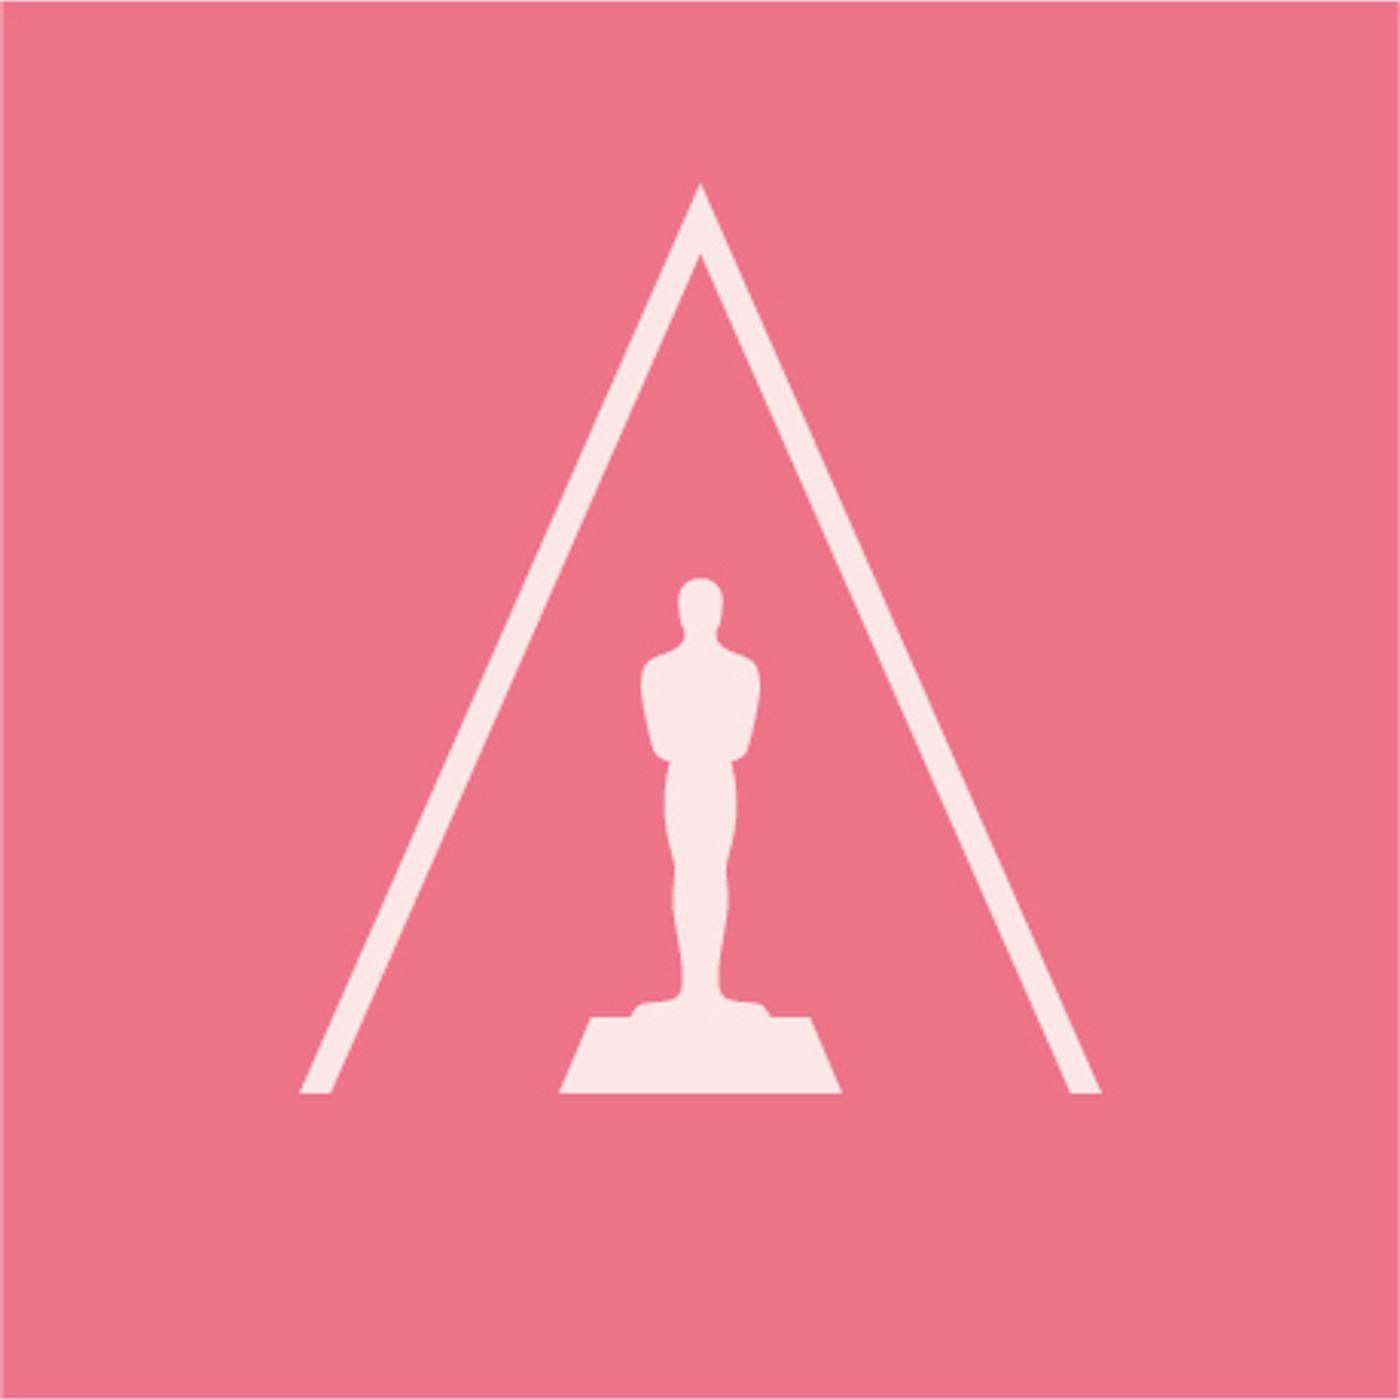 Episode 61: Oscar-anbefalinger